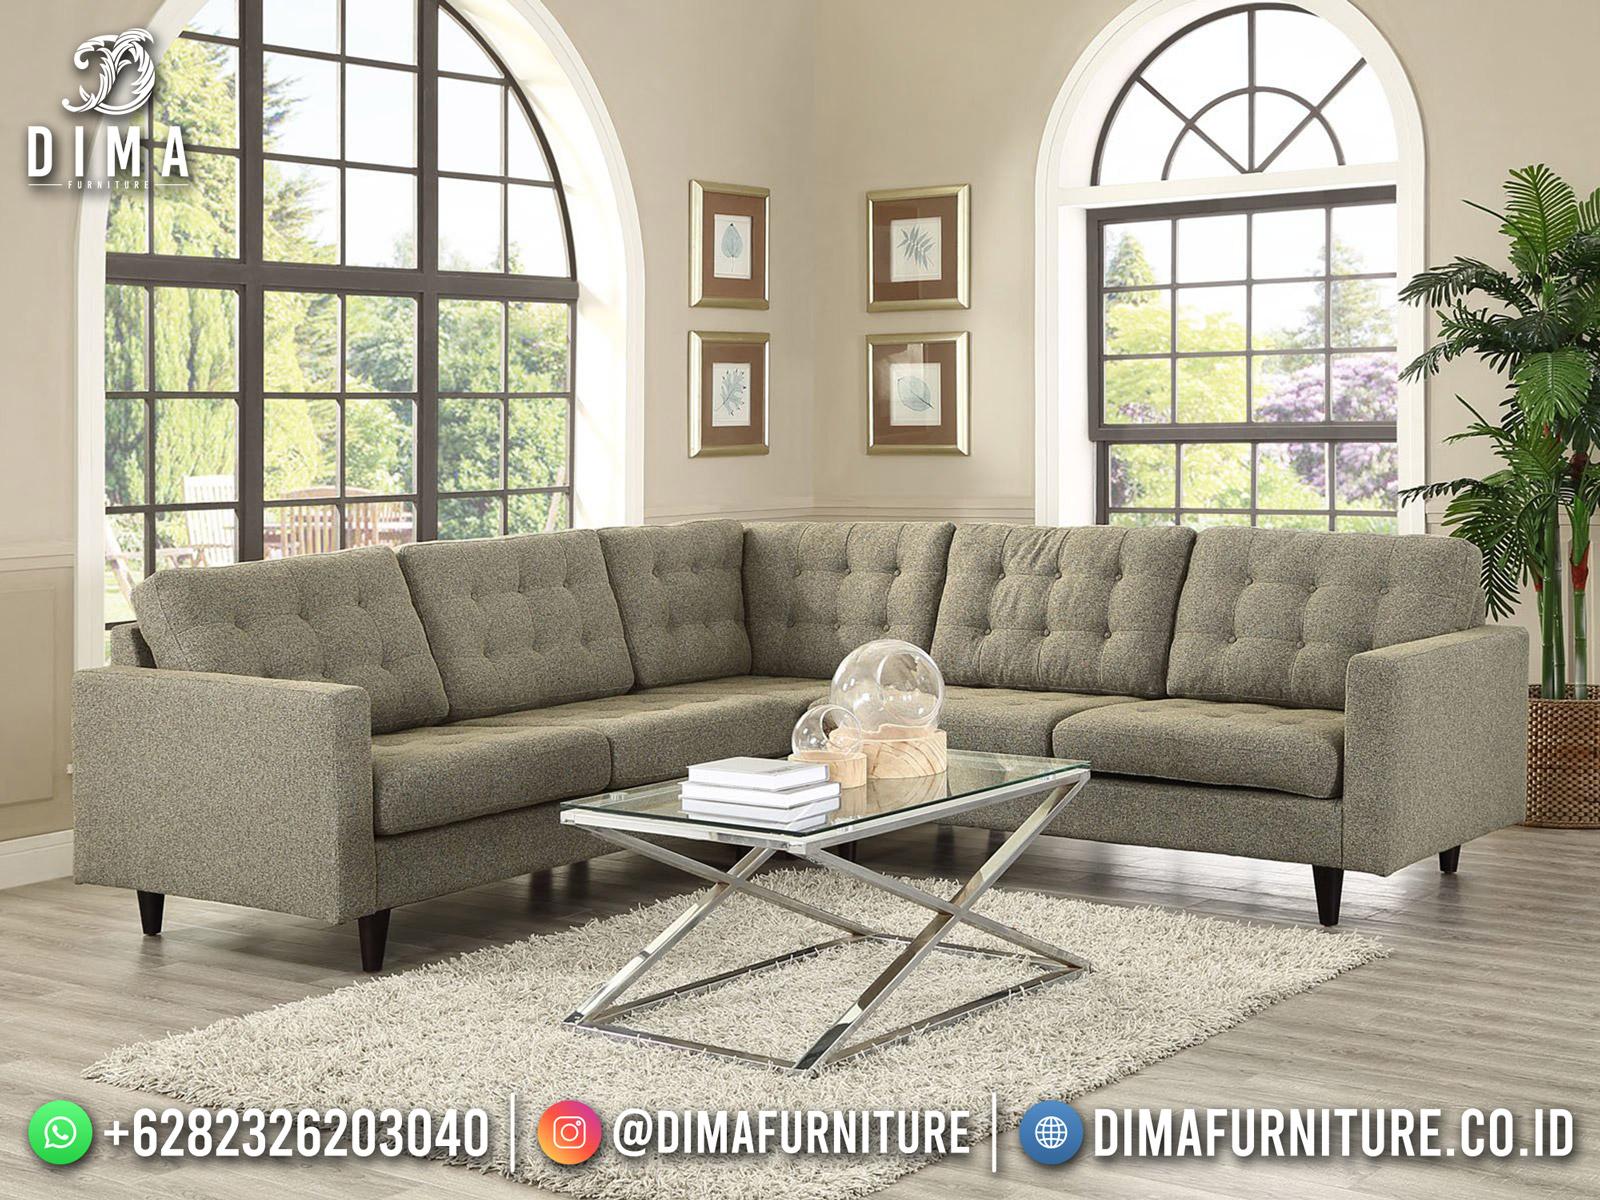 Best Product Sofa Tamu Minimalis Jepara Sudut L Dry Grass Green BT-1129